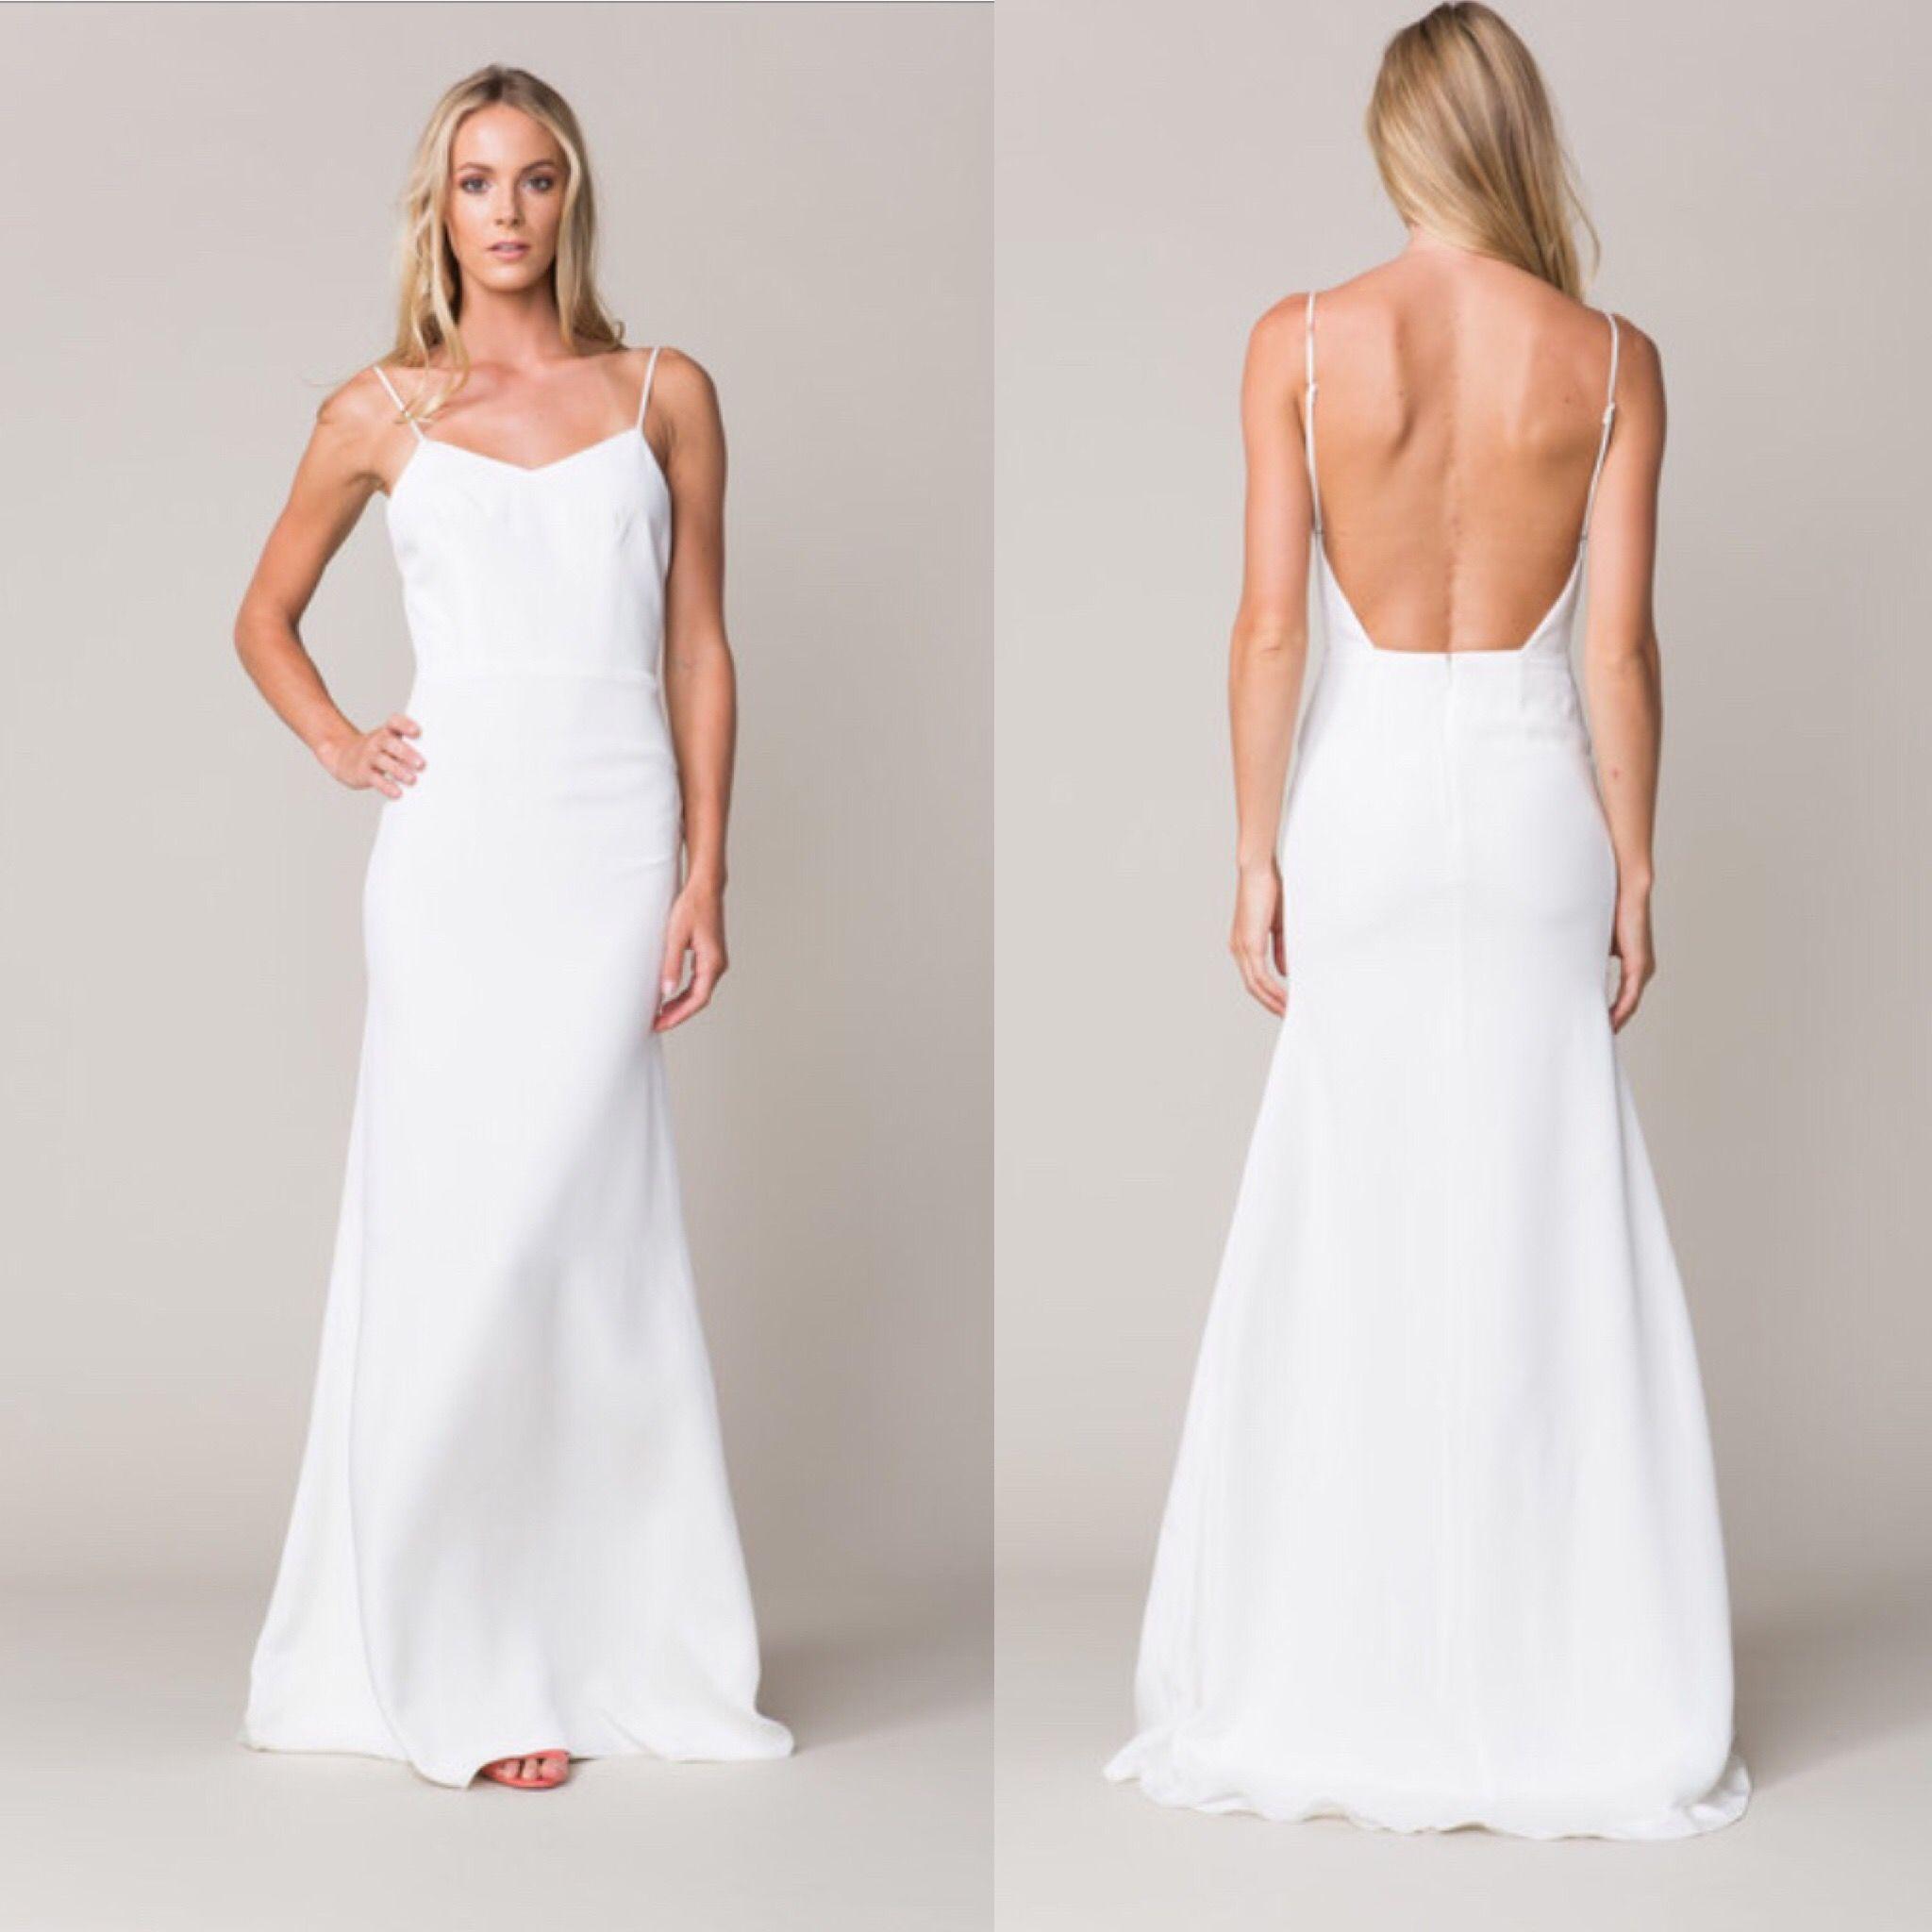 9eaccf865f7 SOLD Sarah Seven sample dress.  1